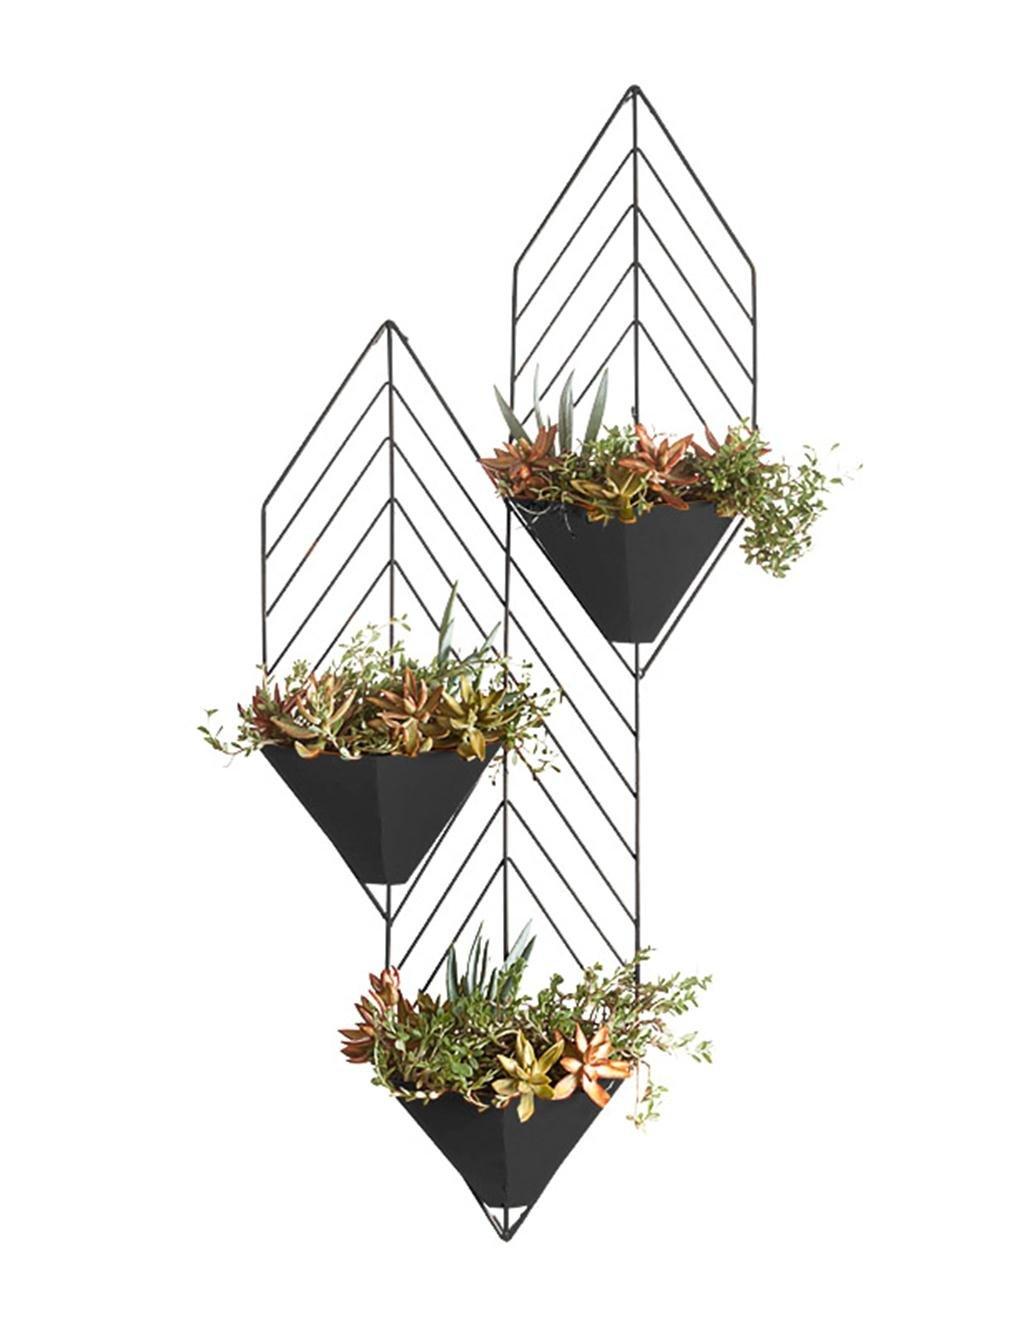 Eisen-Wand-hängendes Dreistufiges hängendes Orchidee-Blumen-Gestell, Wand-hängendes grünes Rettich-Blumen-Regal ( farbe : Schwarz )